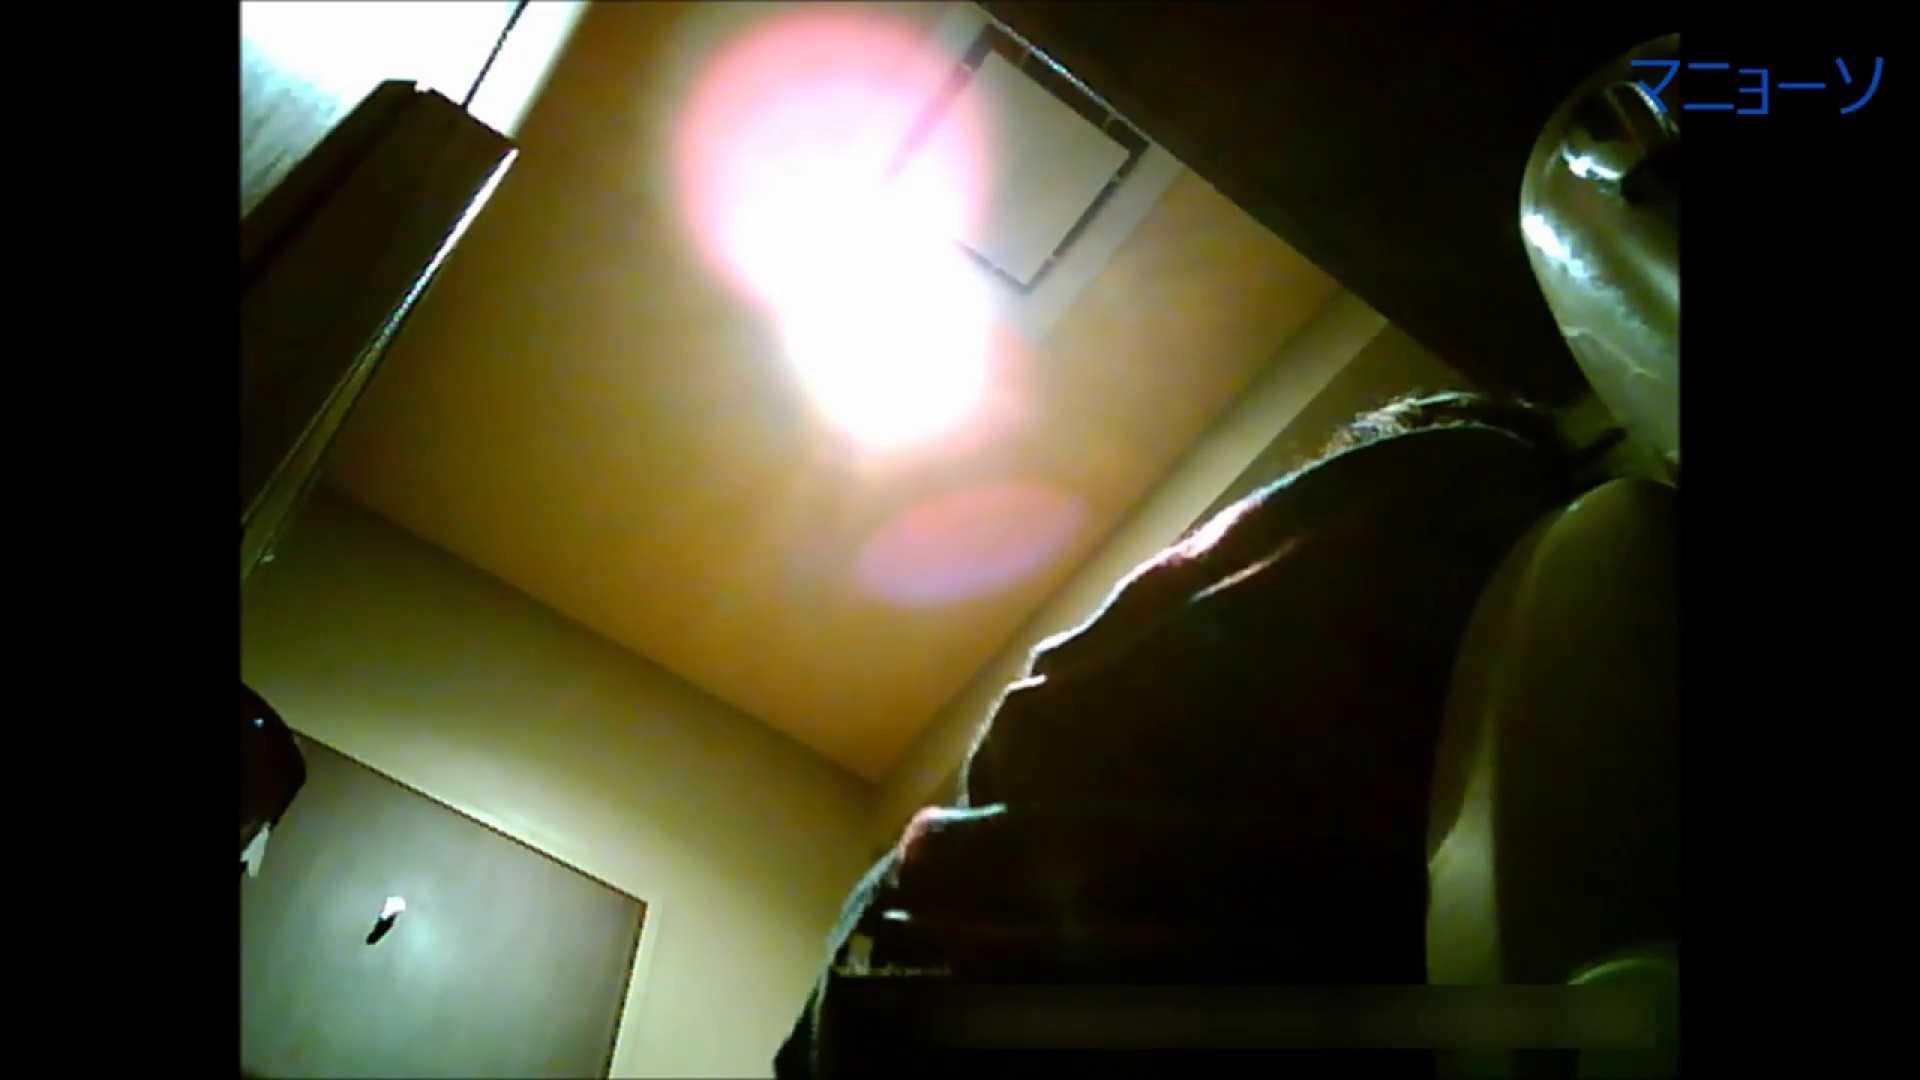 トイレでひと肌脱いでもらいました (JD編)Vol.02 トイレ | OLの実態  80pic 39